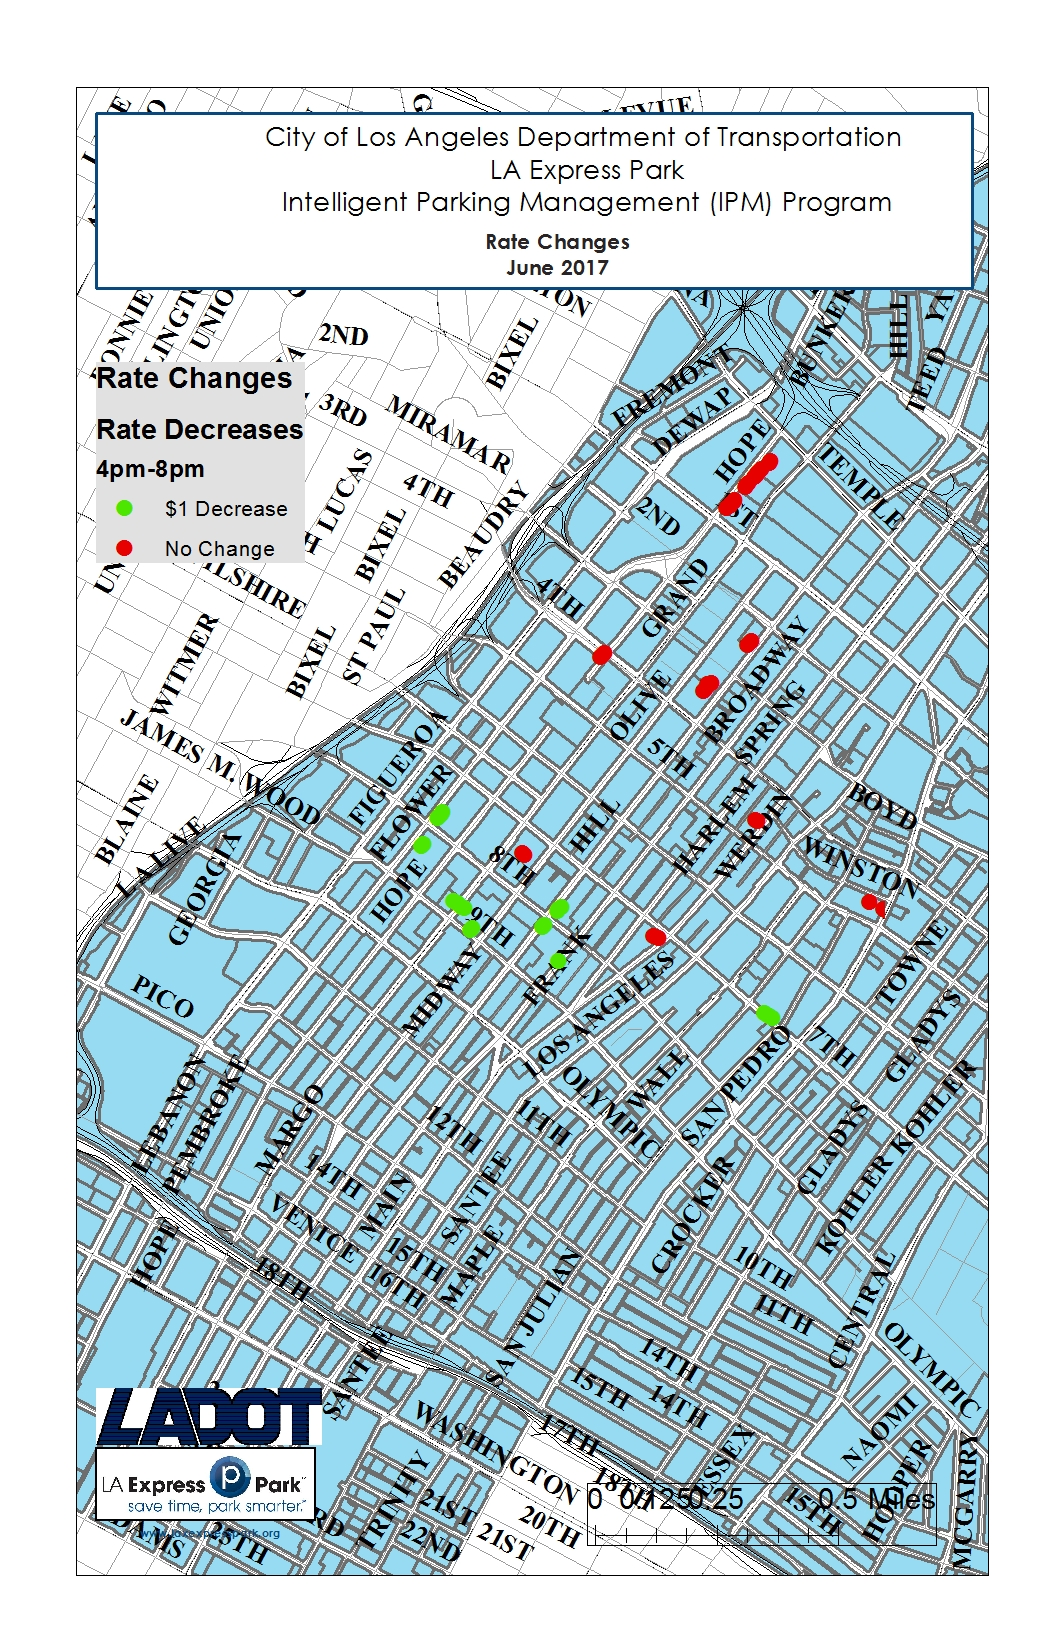 LA Express Park Updates Parking Meter Rates on June 12th | LA ...